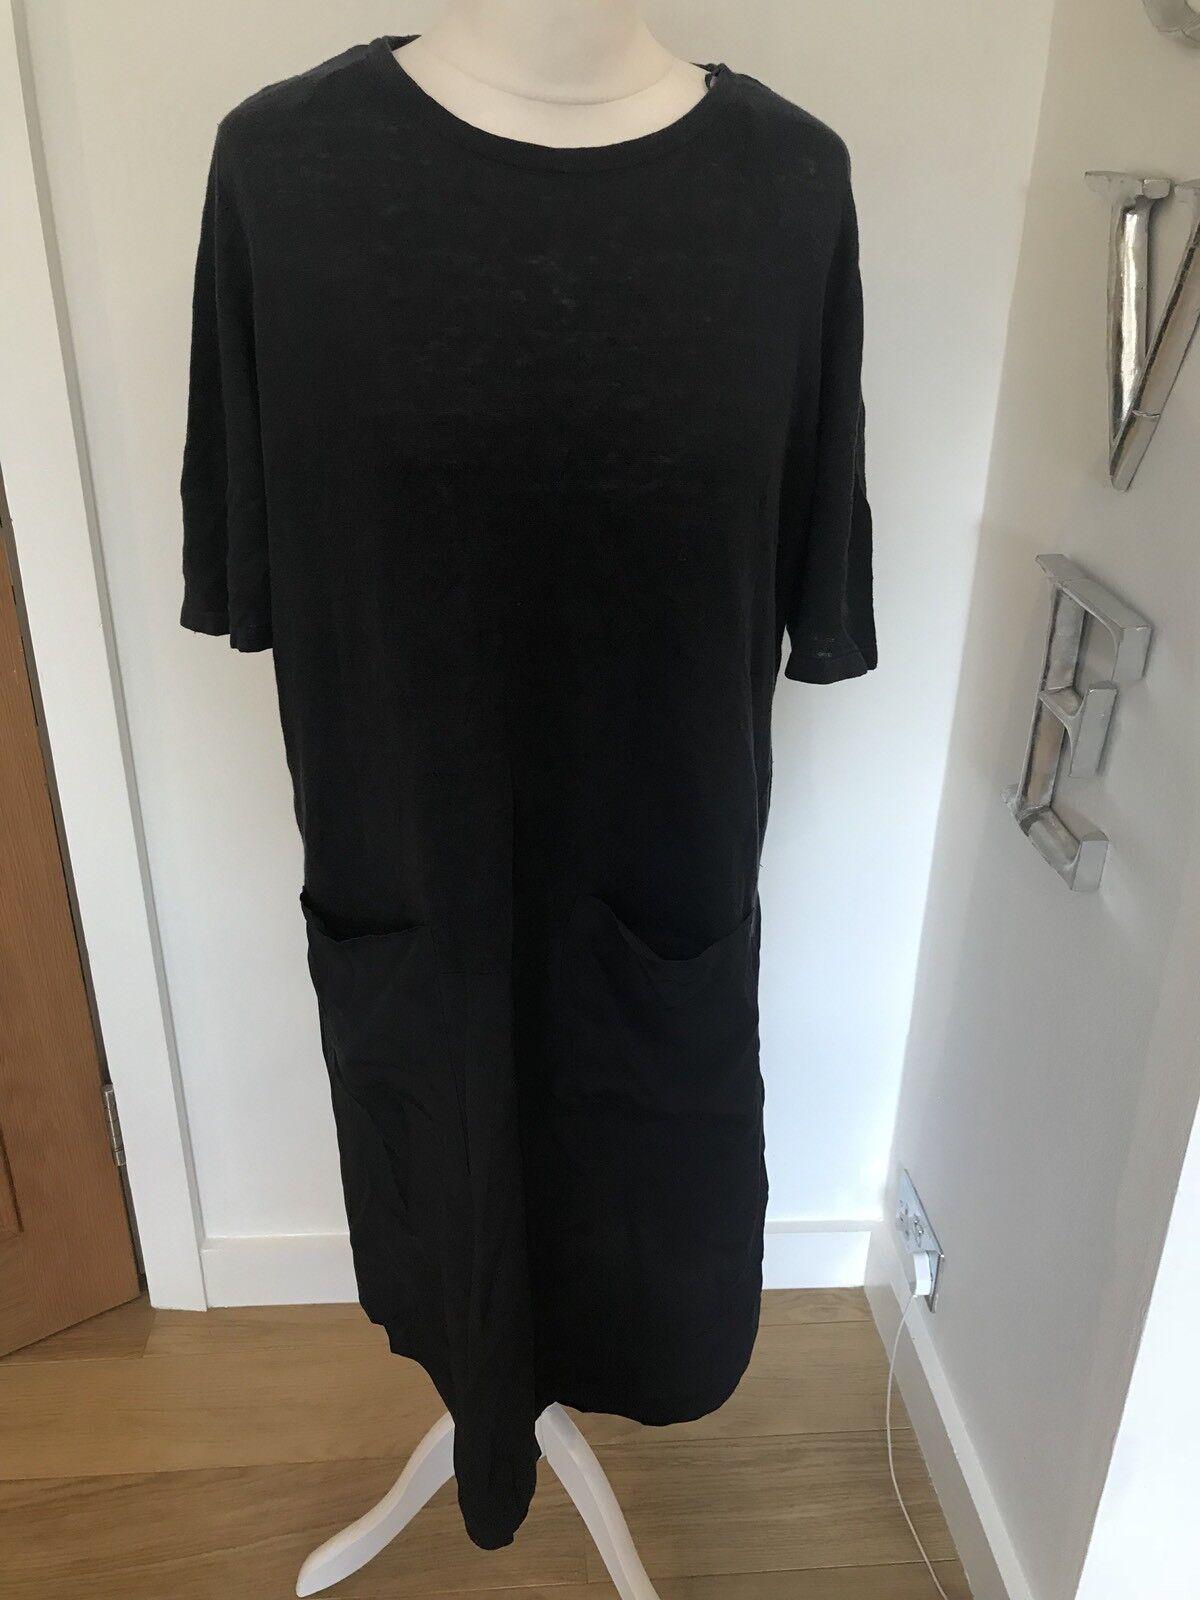 07be246d Goblins COS Navy bluee Linen & Silk Short Sleeve Dress Size M Good Condition